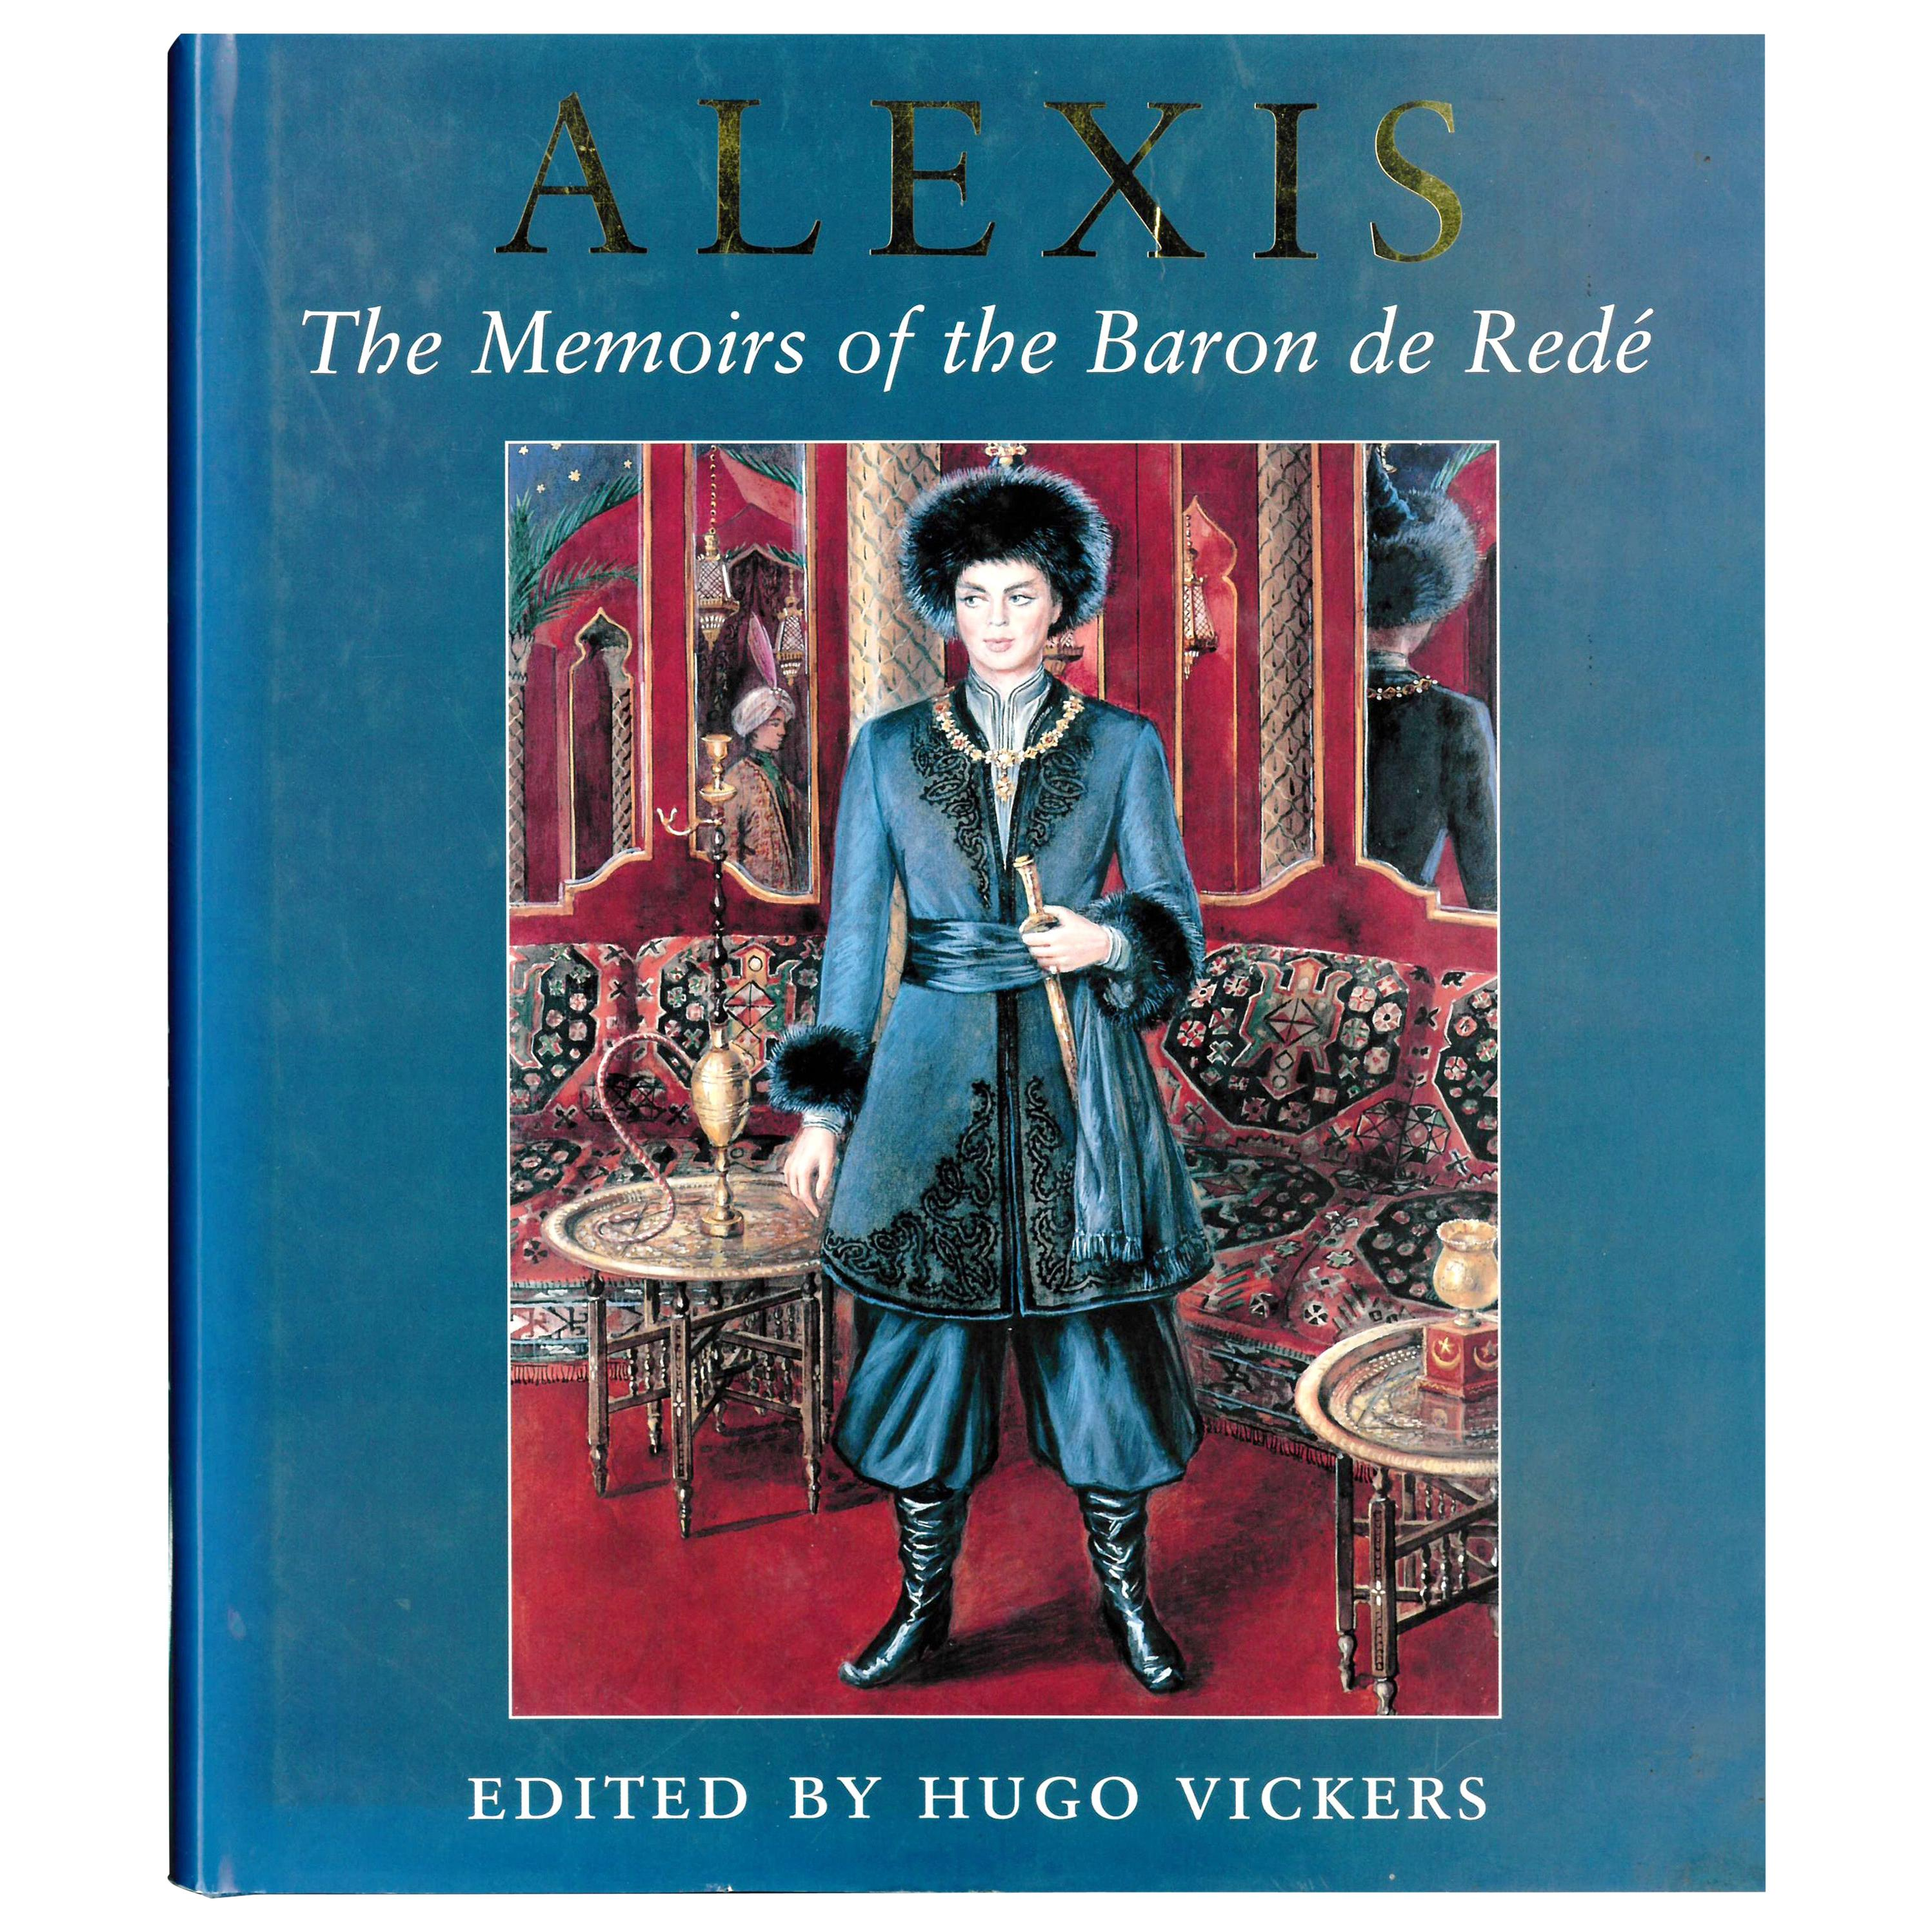 'Alexis - The Memoirs of the Baron De Rede' Book